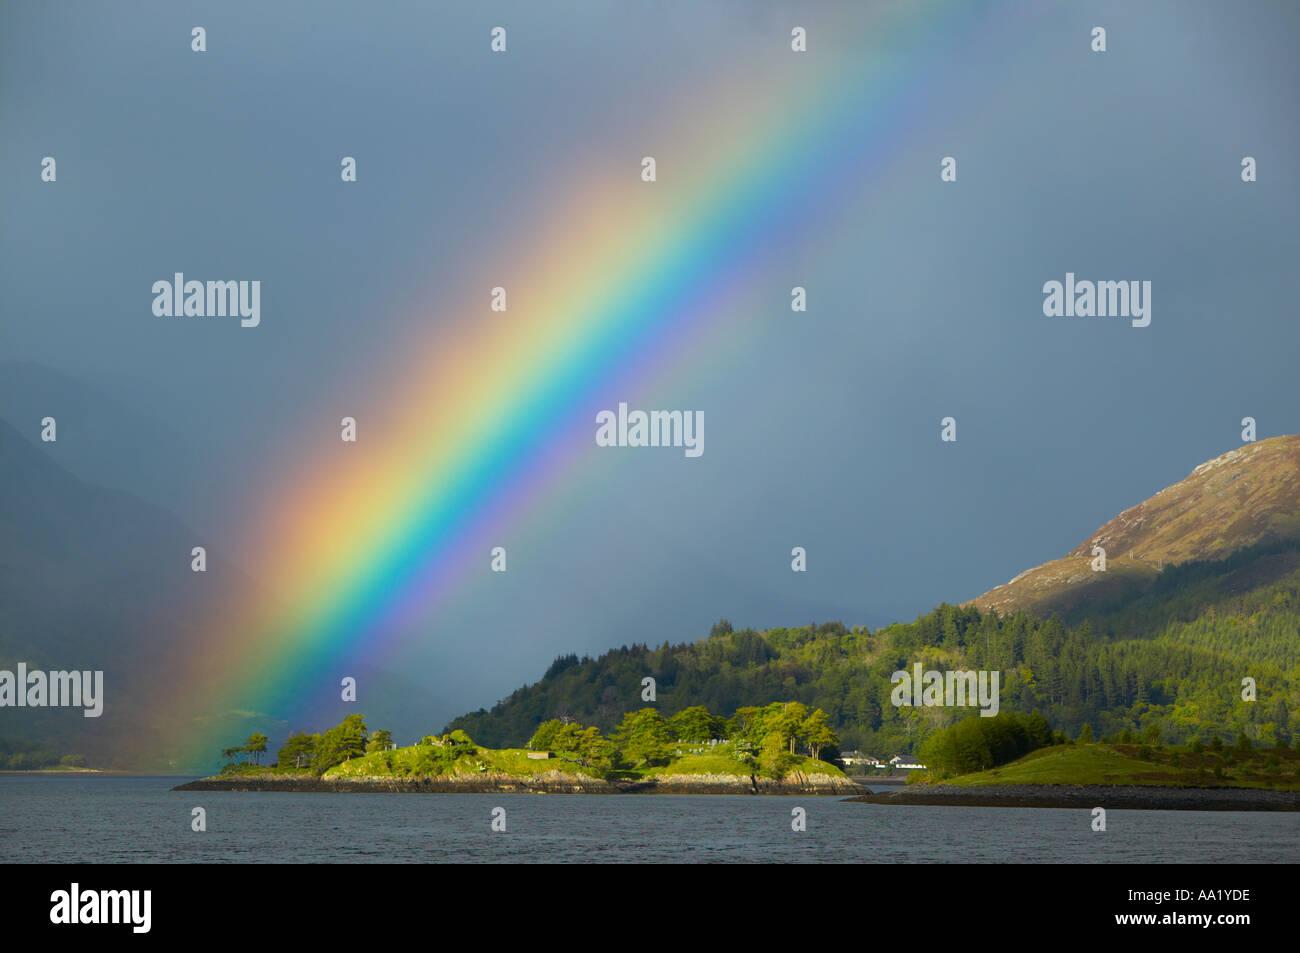 Le Loch Leven, près de Glencoe, Lochaber, Highland, en Écosse. Rainbow Photo Stock